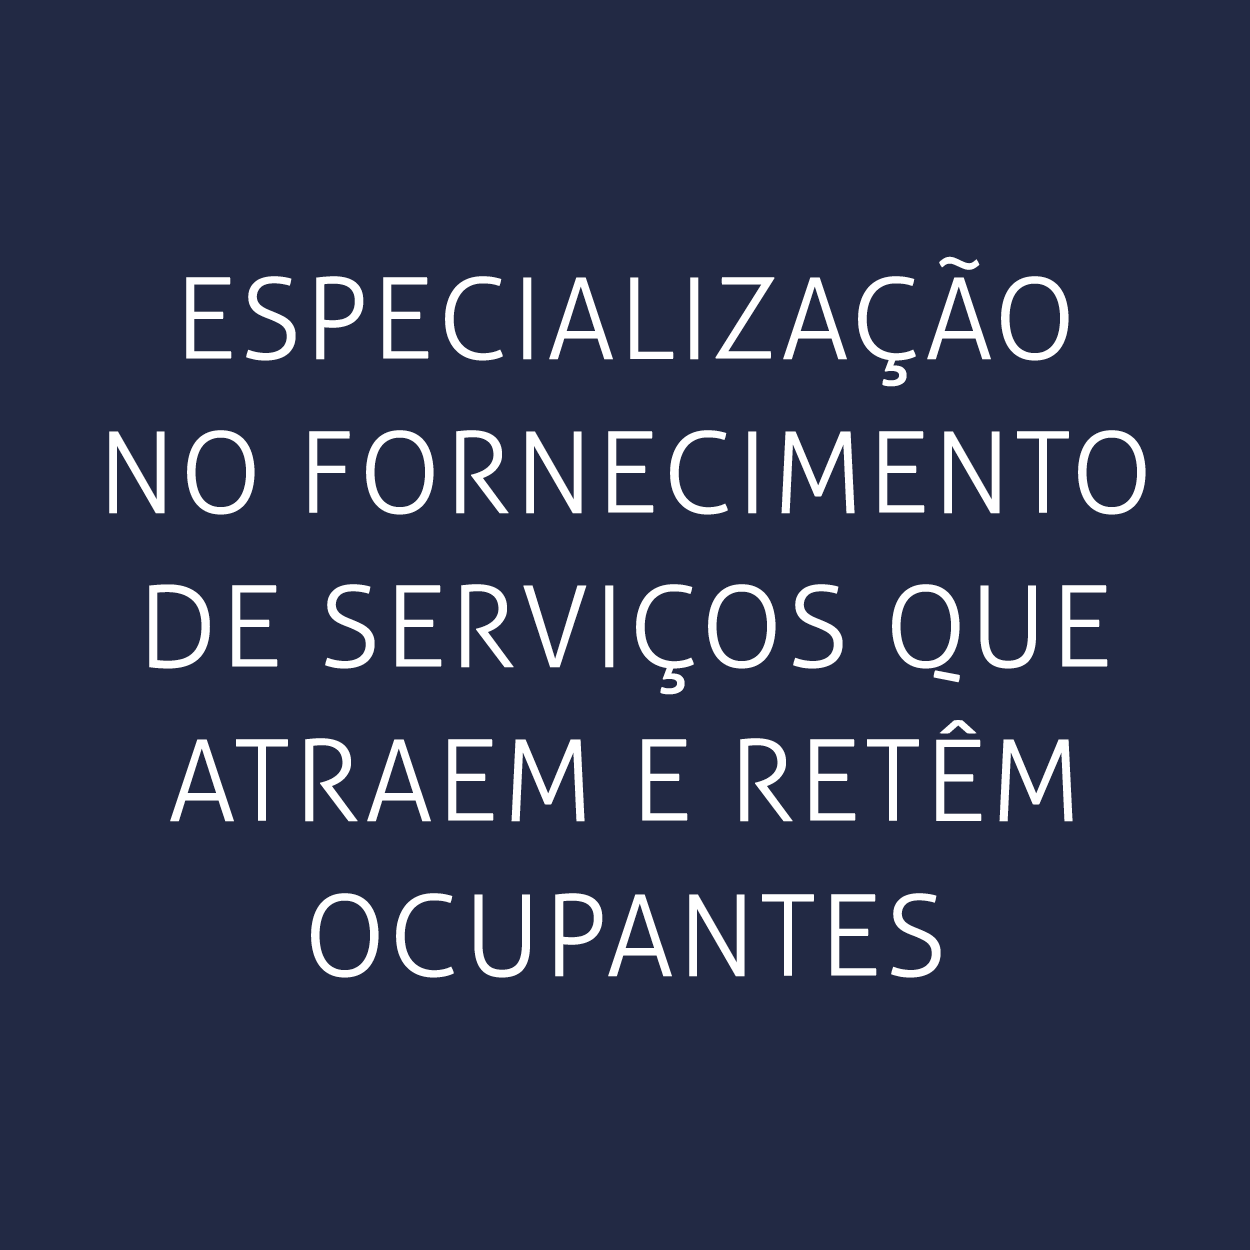 Especialização no fornecimento de serviços que atraem e retêm ocupantes